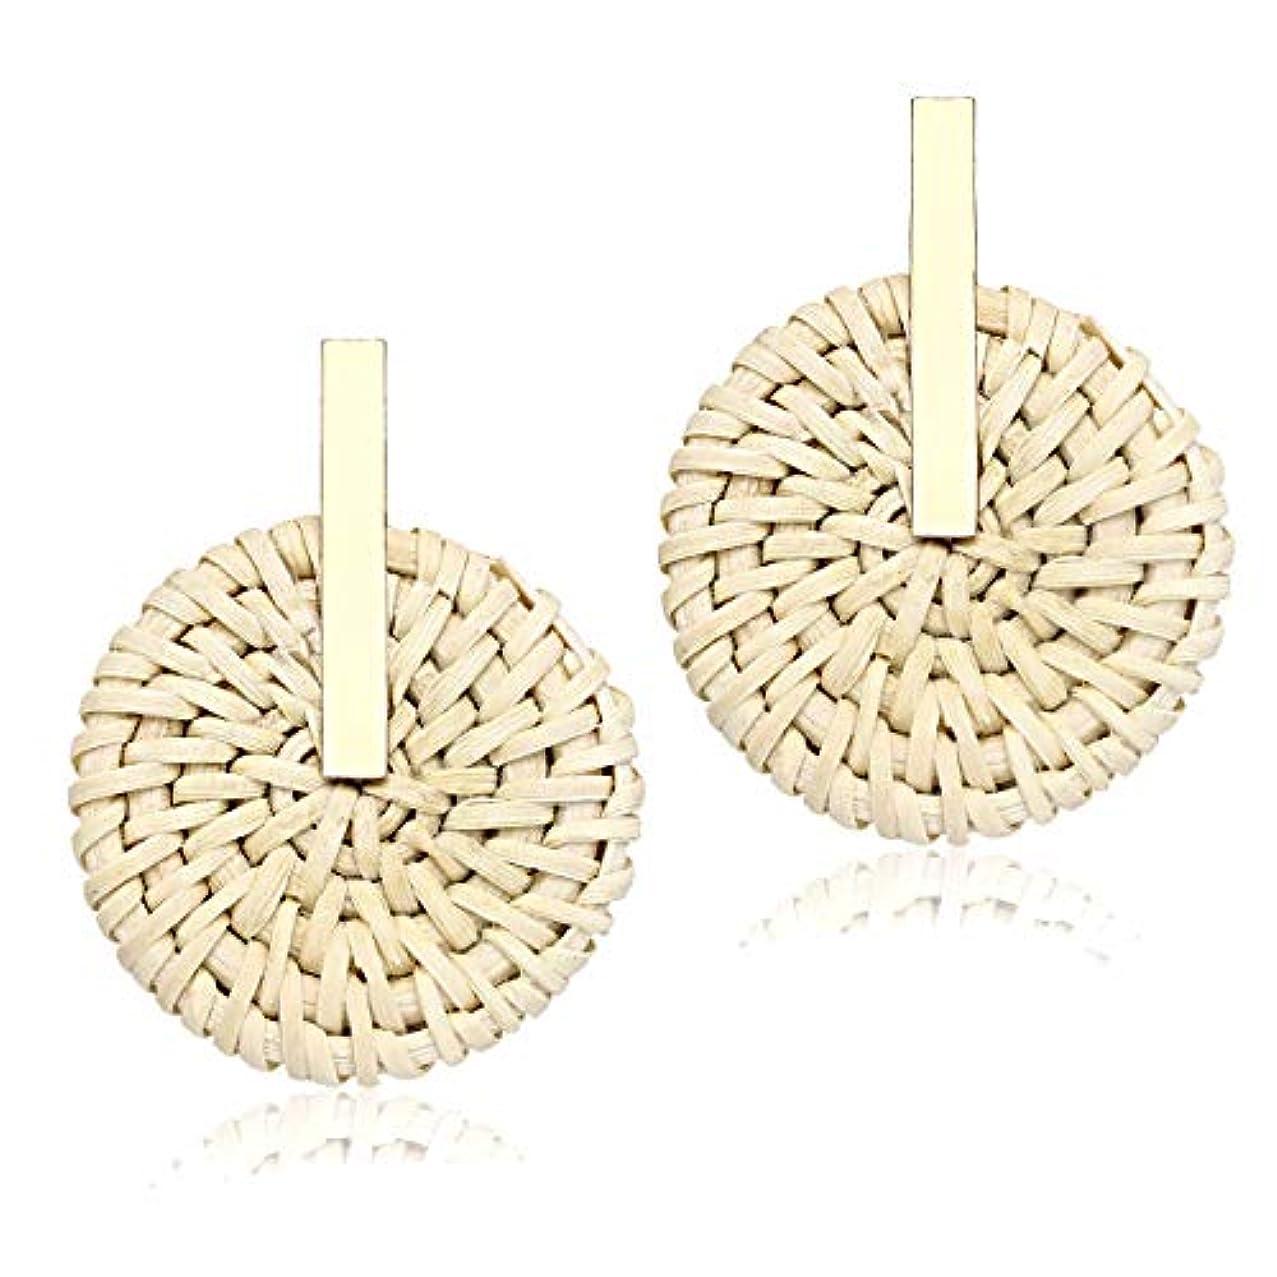 PHALIN JEWELRY Rattan Earrings Straw Wicker Braid Drop Dangle Earrings Handmade Stud Earring for Women Girls